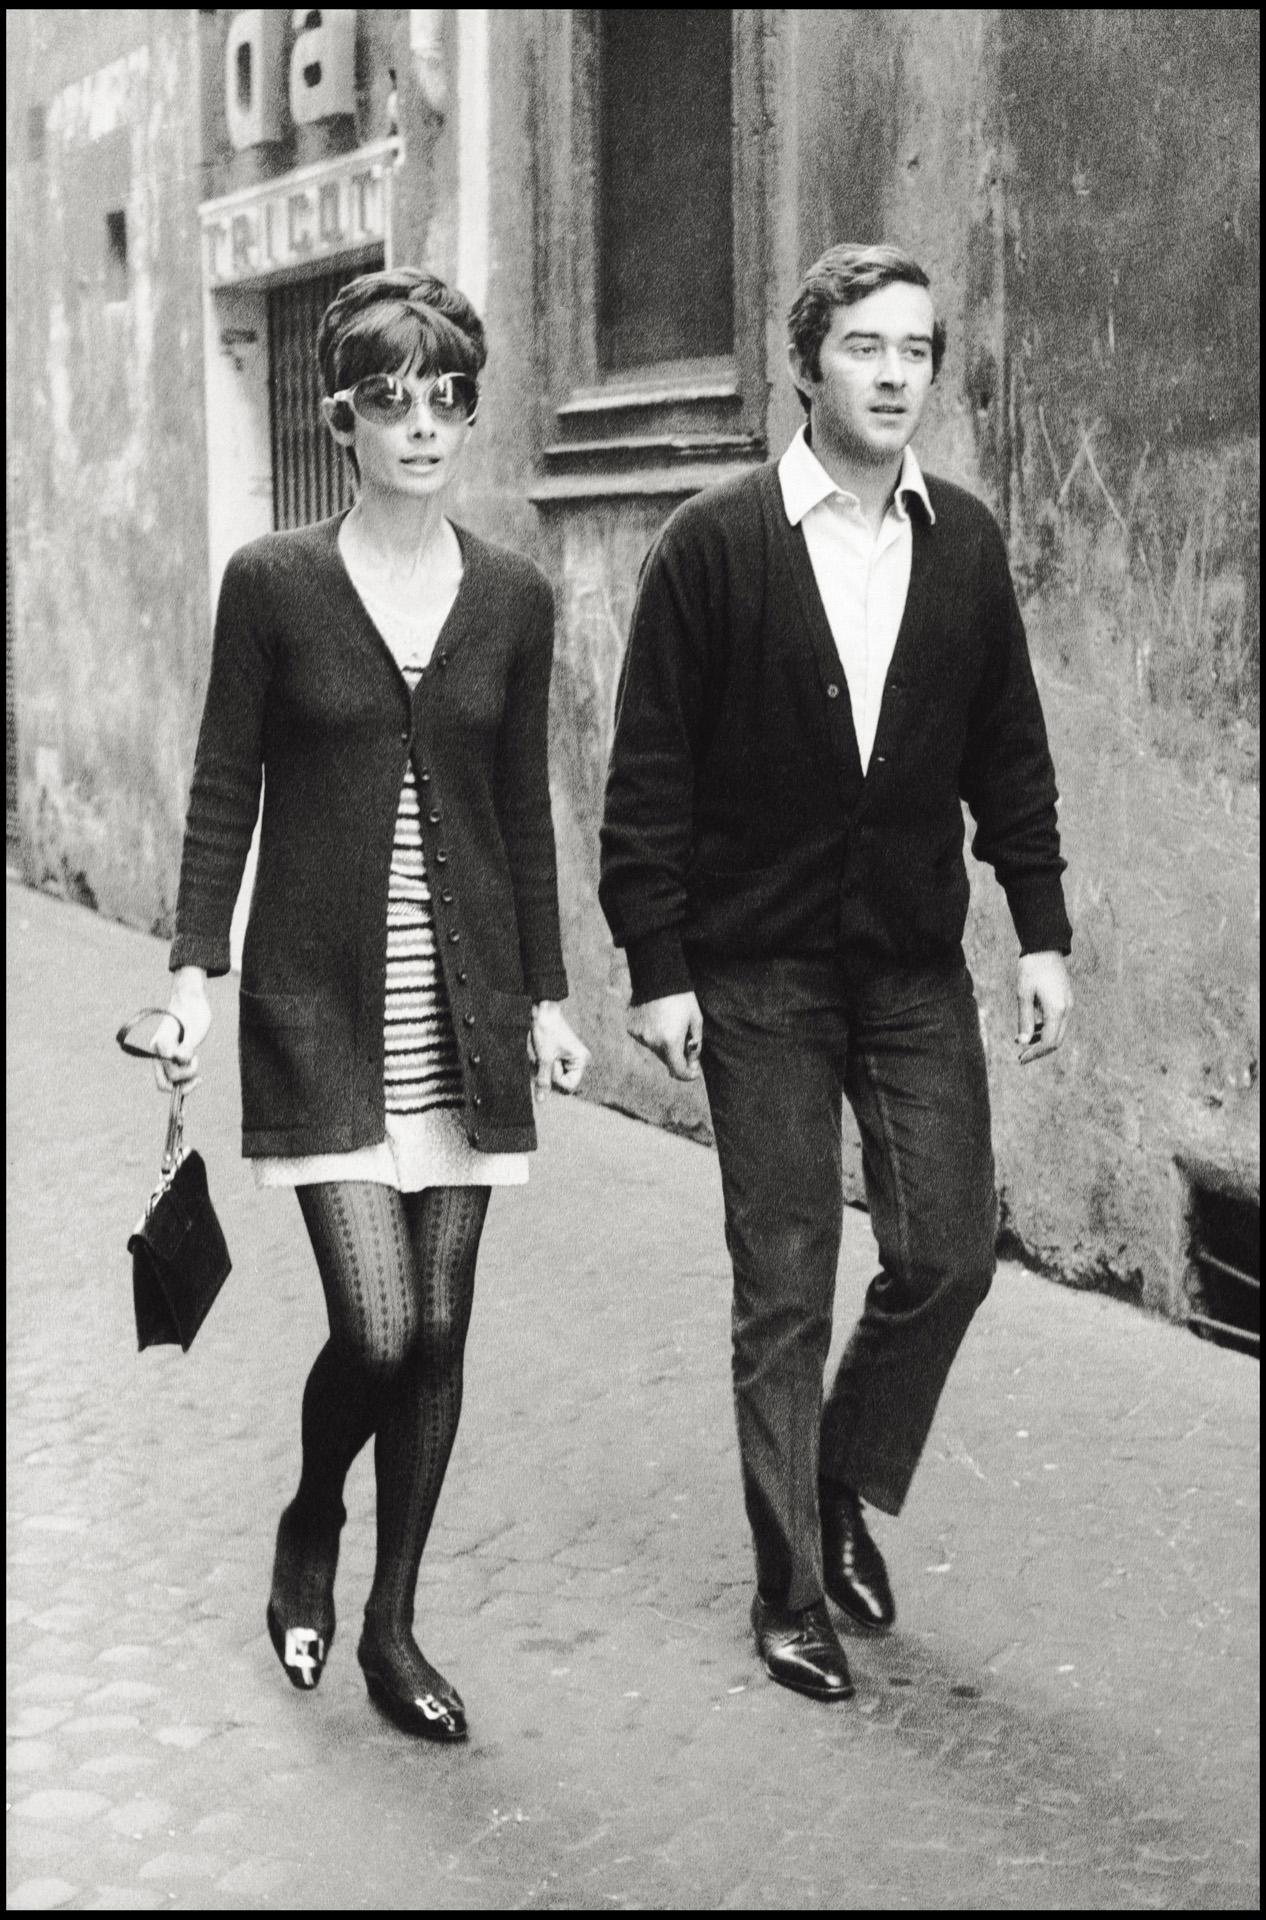 Hat nyelven beszélt és majdnem balett táncos lett - 28 éve hunyt el a csodálatos Audrey Hepburn